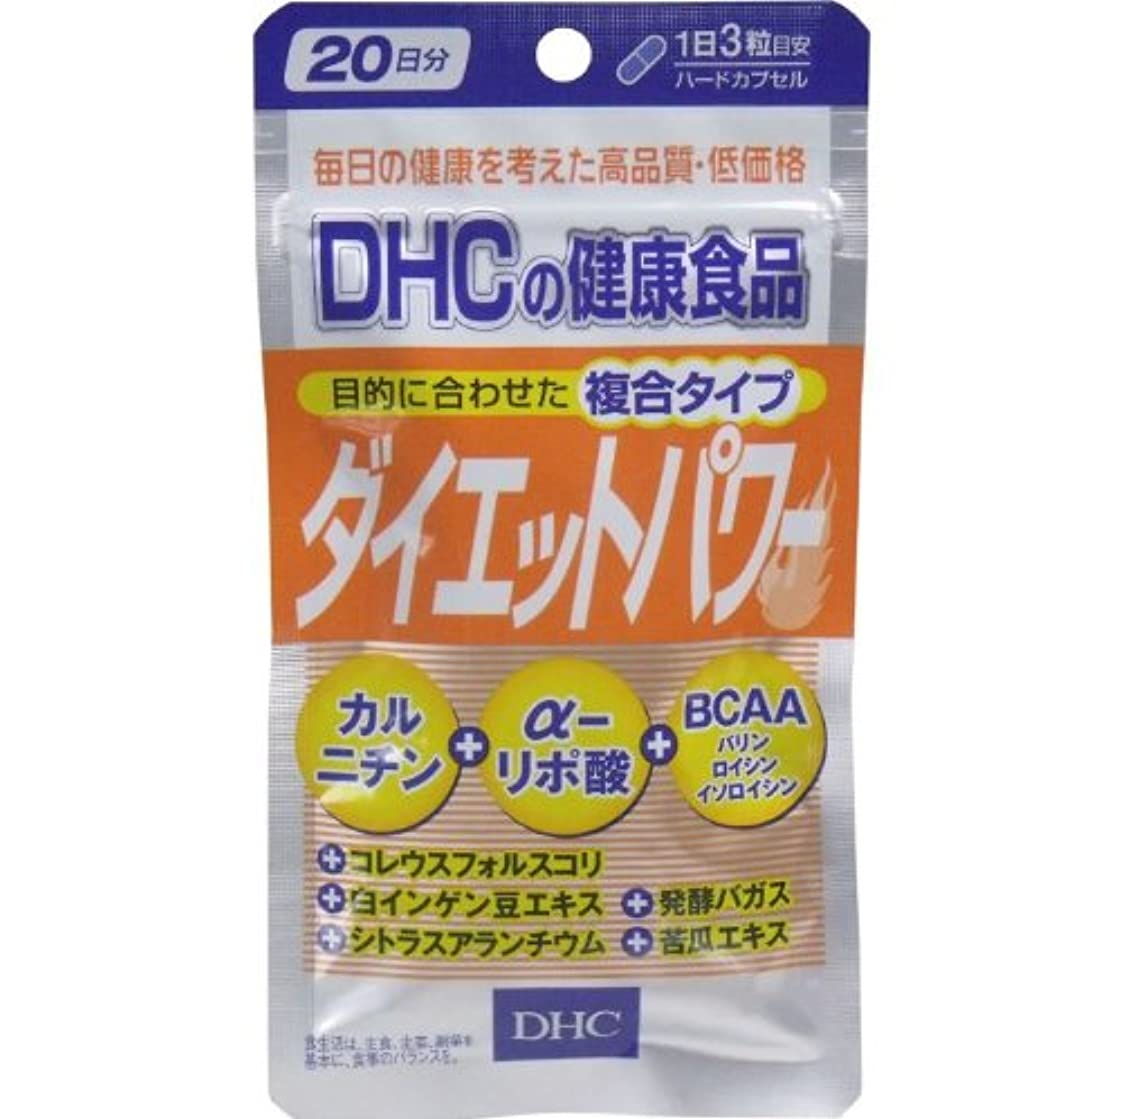 パドル喜び打ち負かすDHC ダイエットパワー 60粒入 【3個セット】